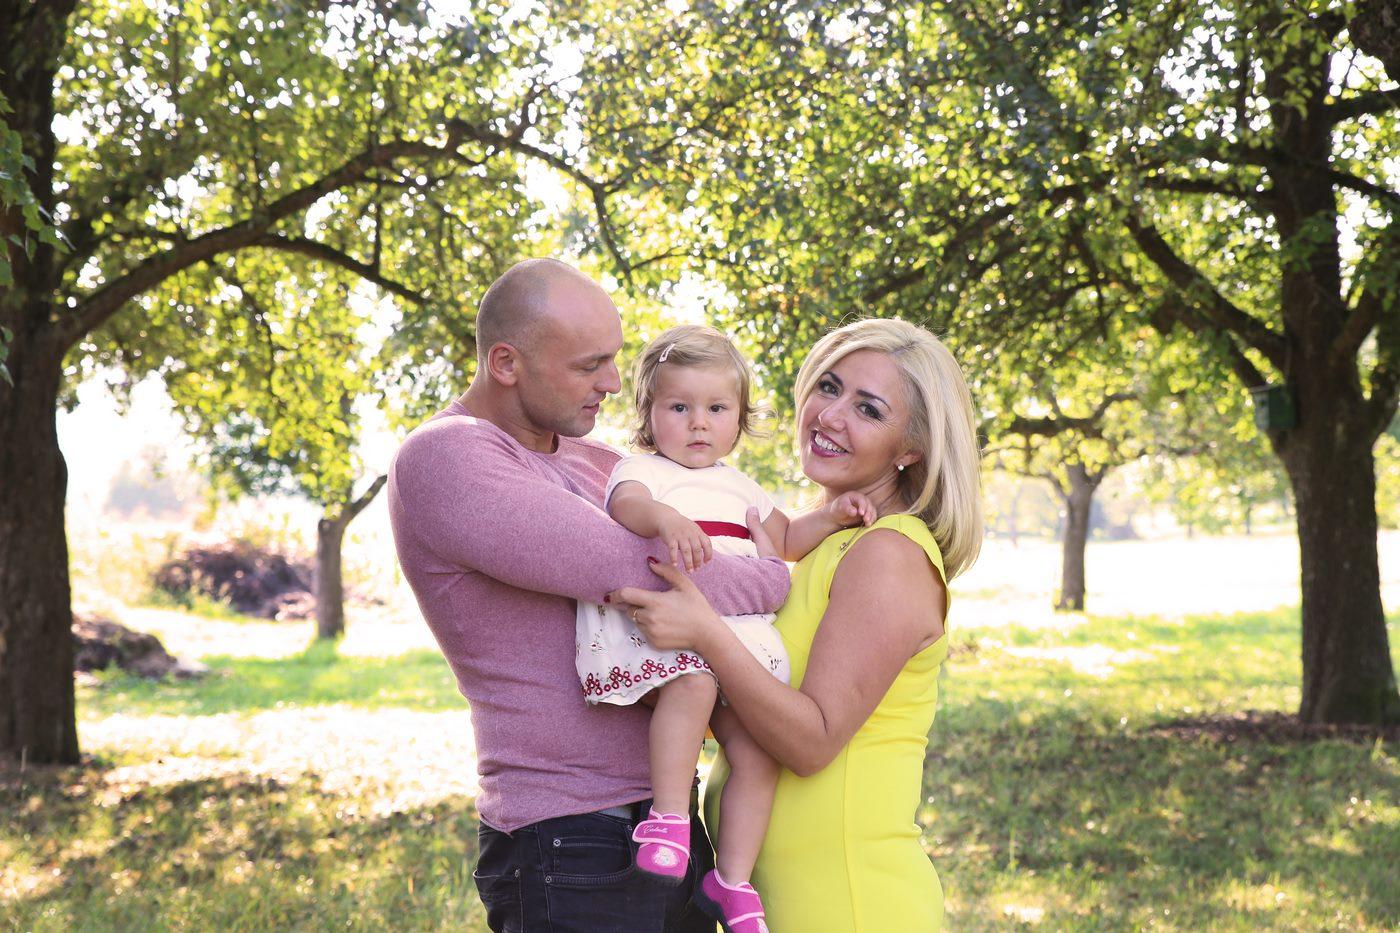 Familienshooting unter Obstbäumen während Mutter in die Kamera schaut